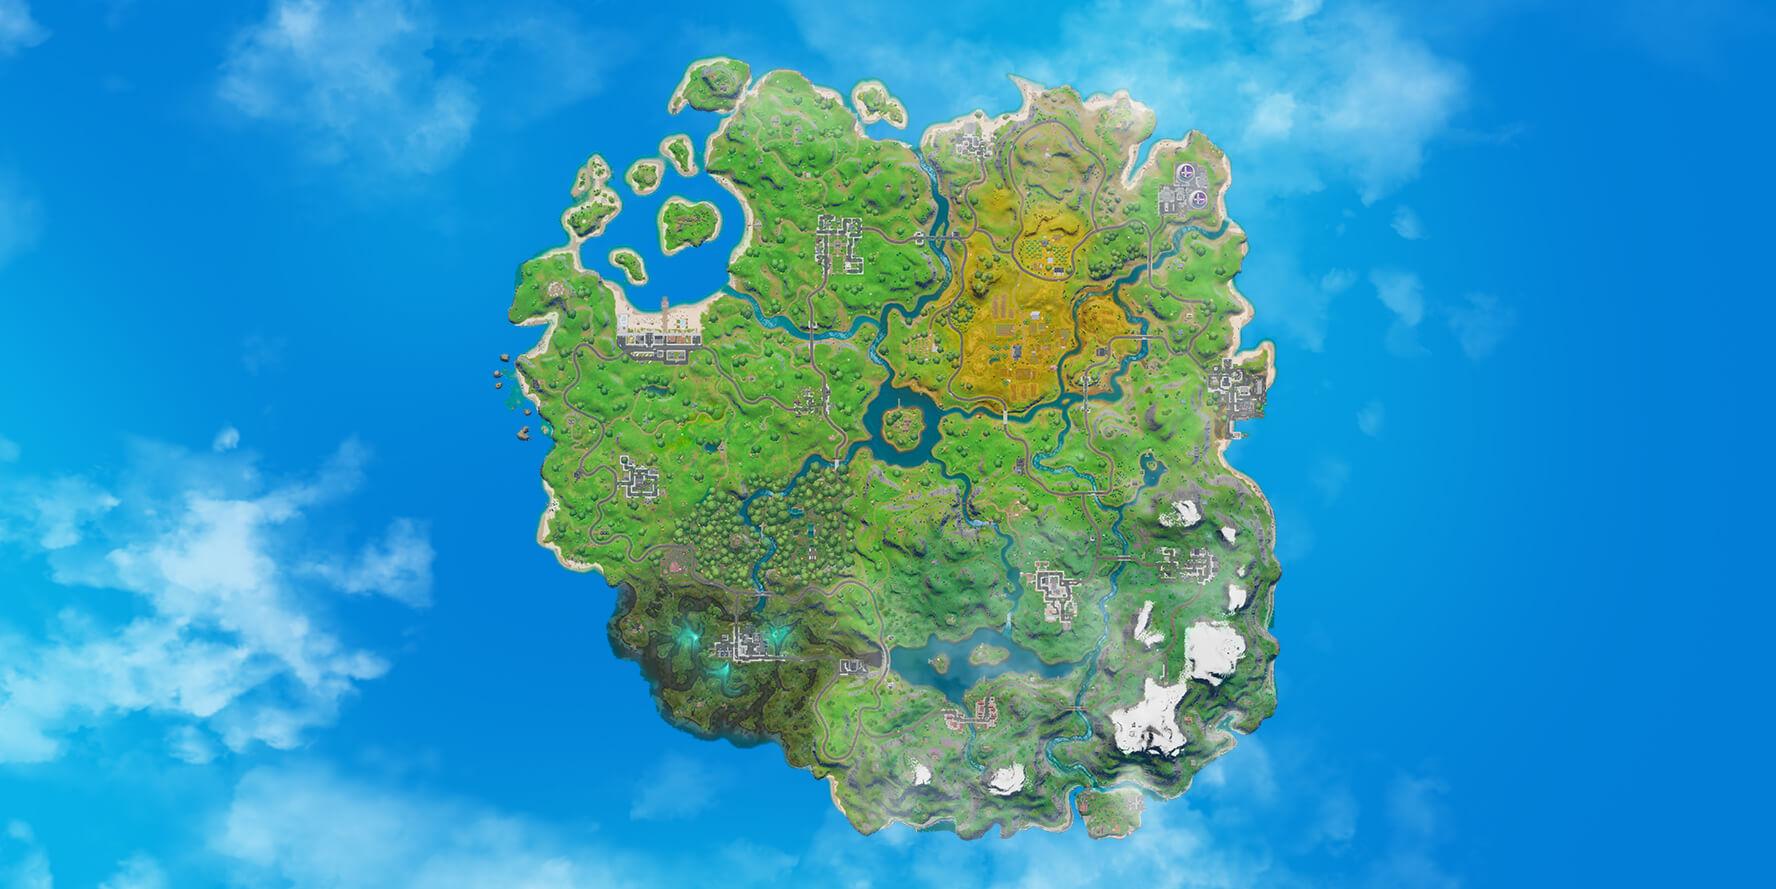 Fortnite%2Fchapter2%2FMAP 1776x889 974816db7b7f4e545cd39920153b88c2ae3544e2 - Fortnite startet Kapitel 2 – Kommt zurück und erlebt die neue Insel